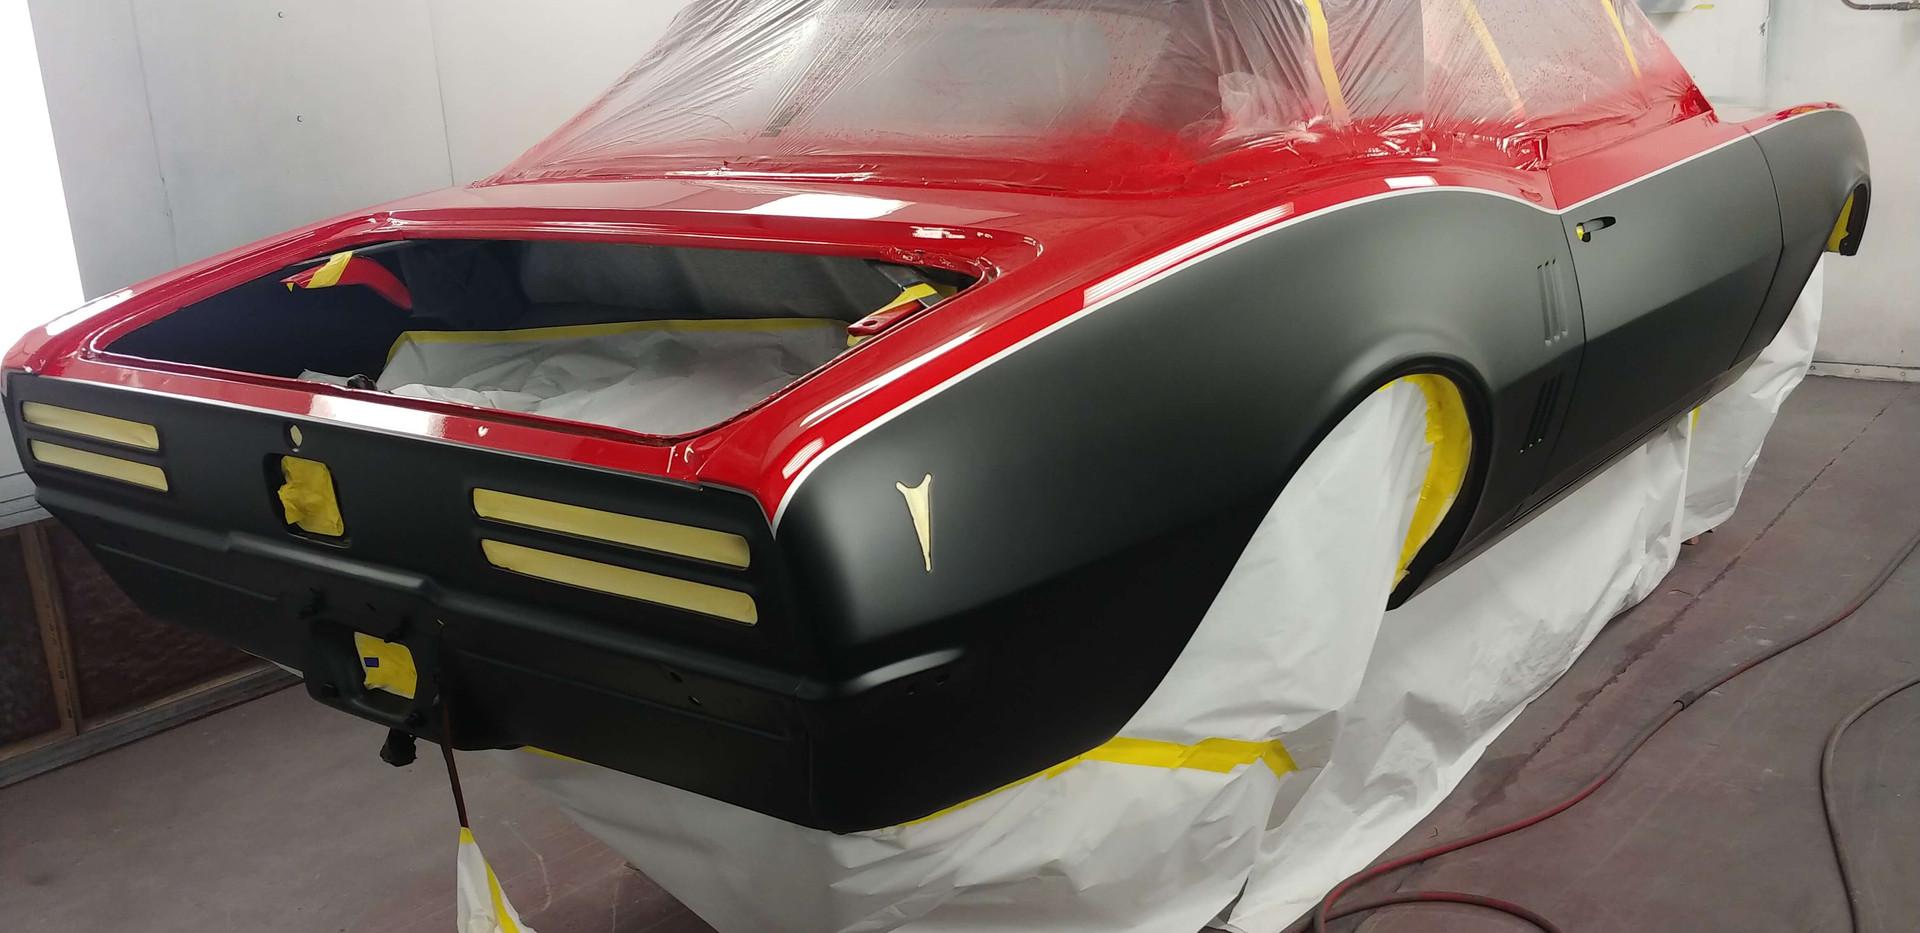 Matte Black + Red Paint